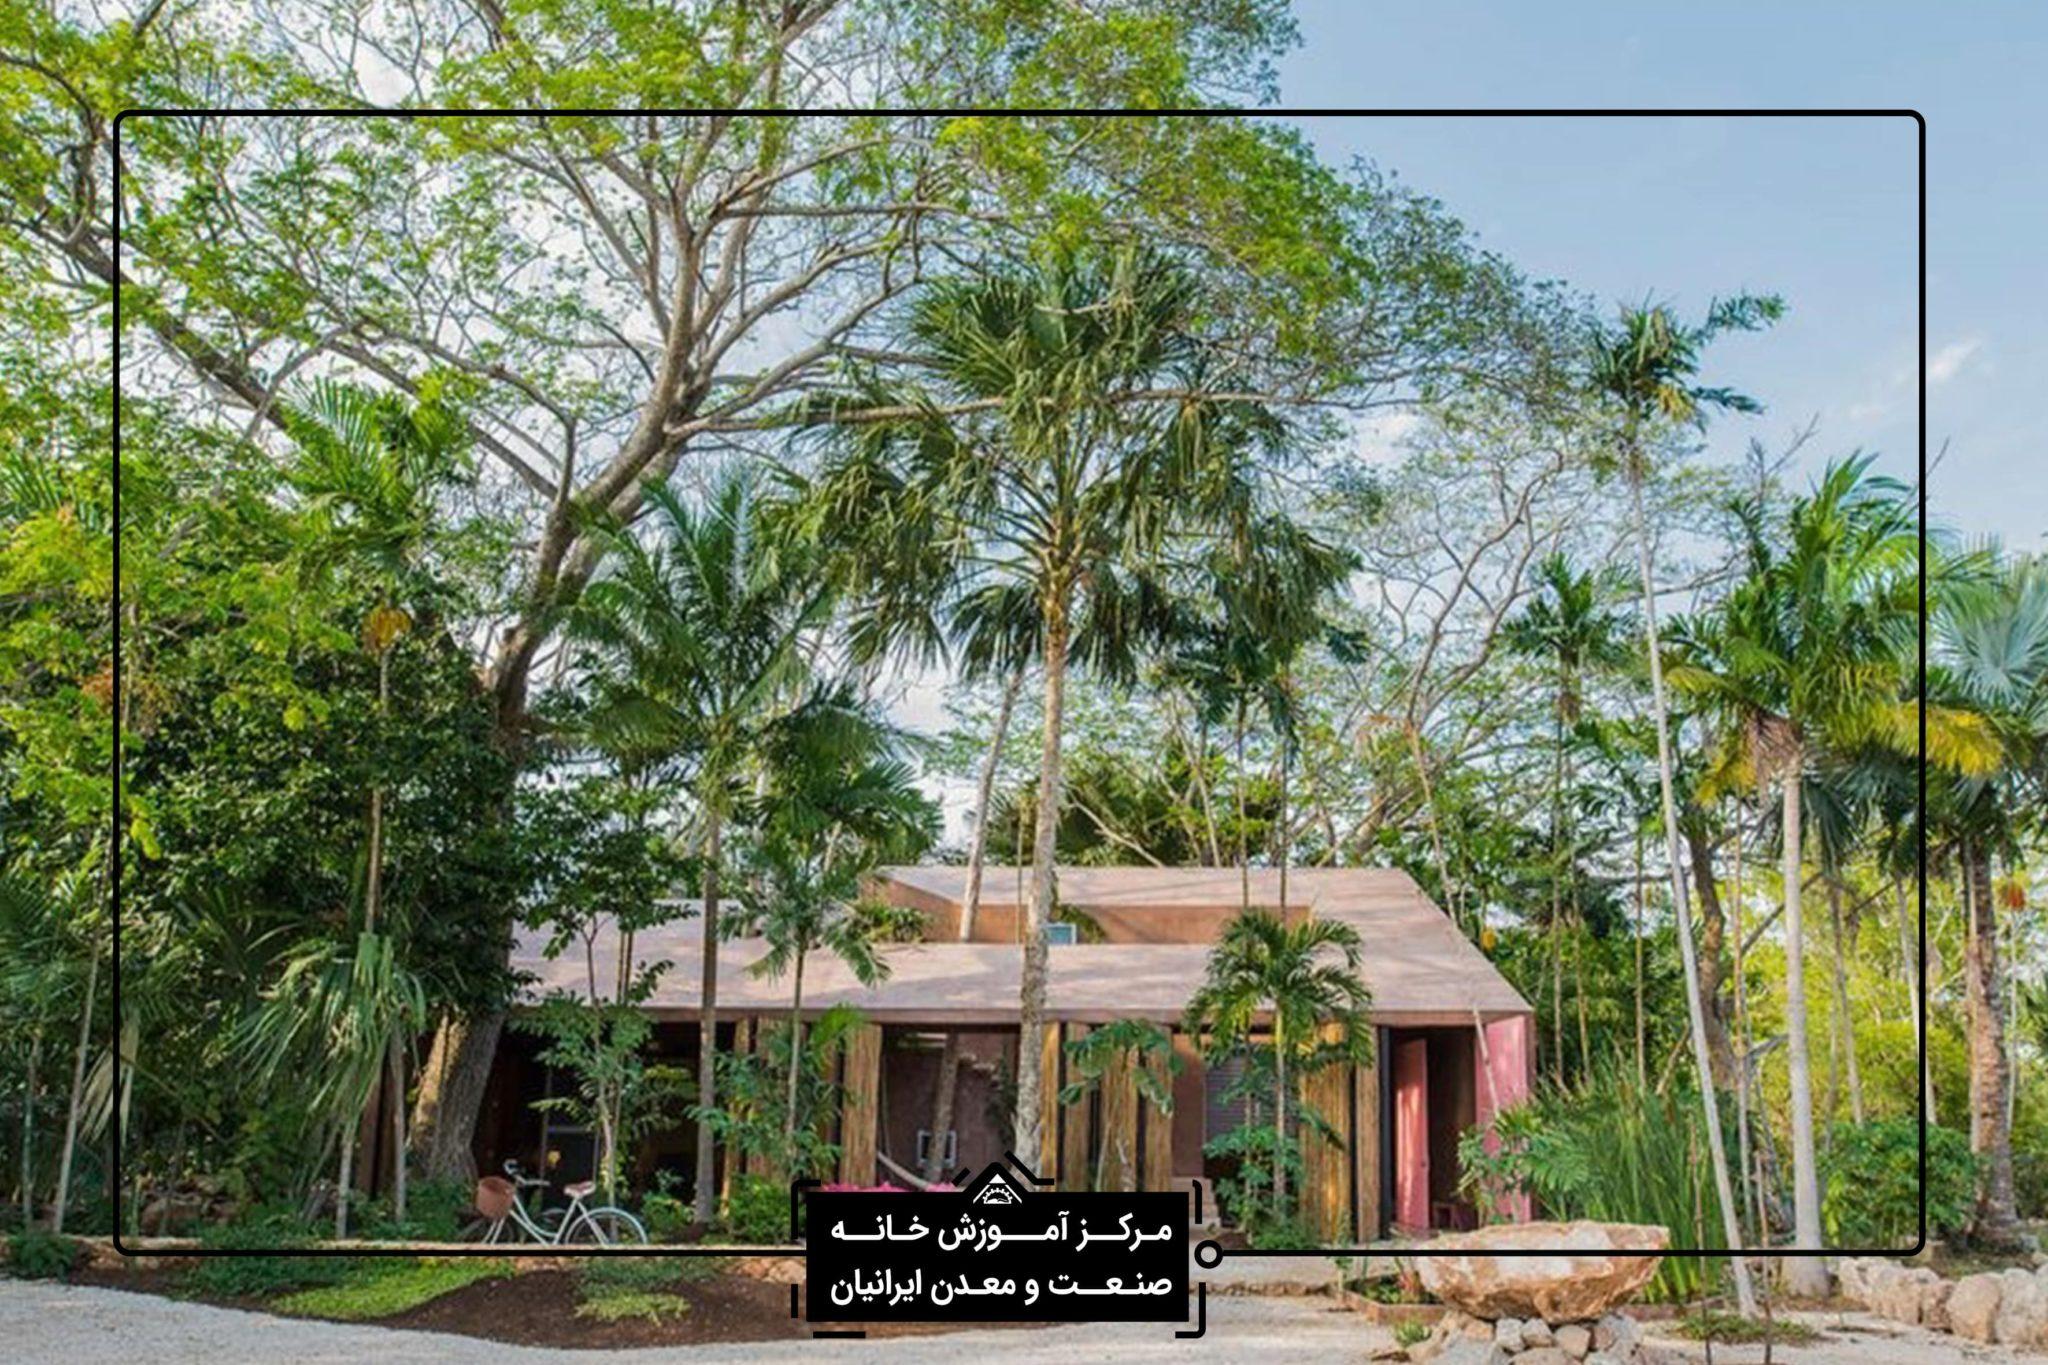 طراحی دکوراسیون داخلی در شیراز 1 - آموزش تخصصی 3dmax در شیراز